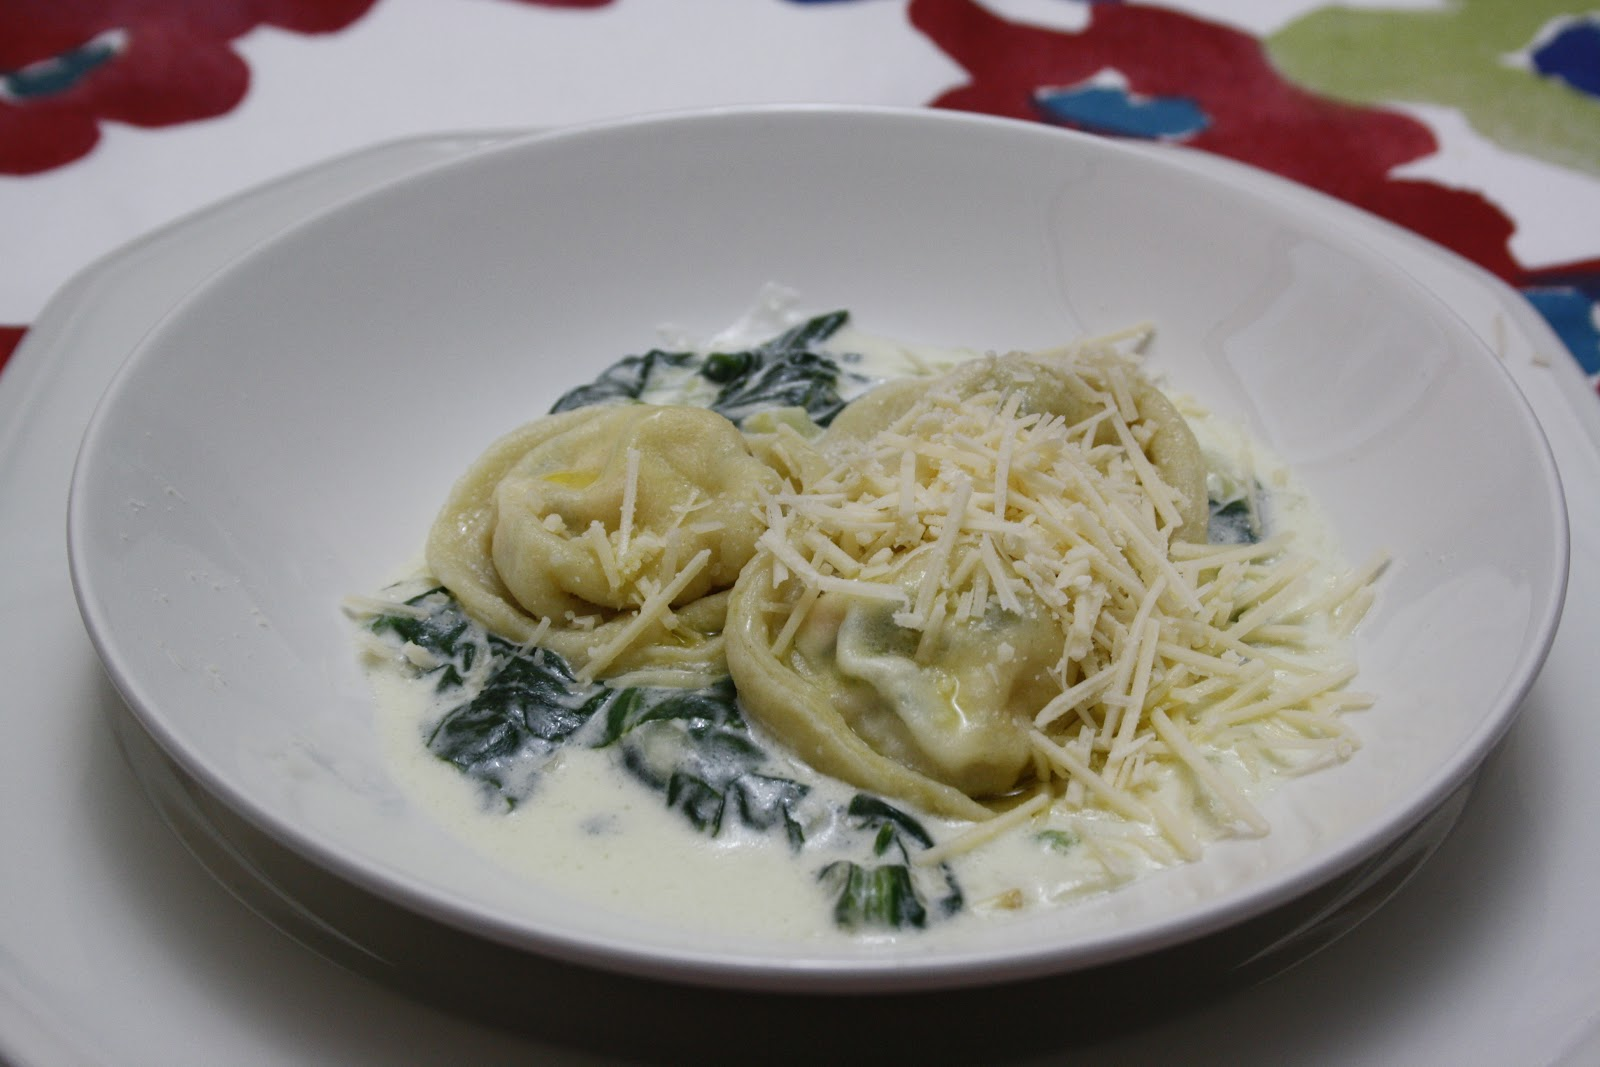 La cocina de maricarmen tortellinis de salm n y queso con - Cocinas maricarmen ...